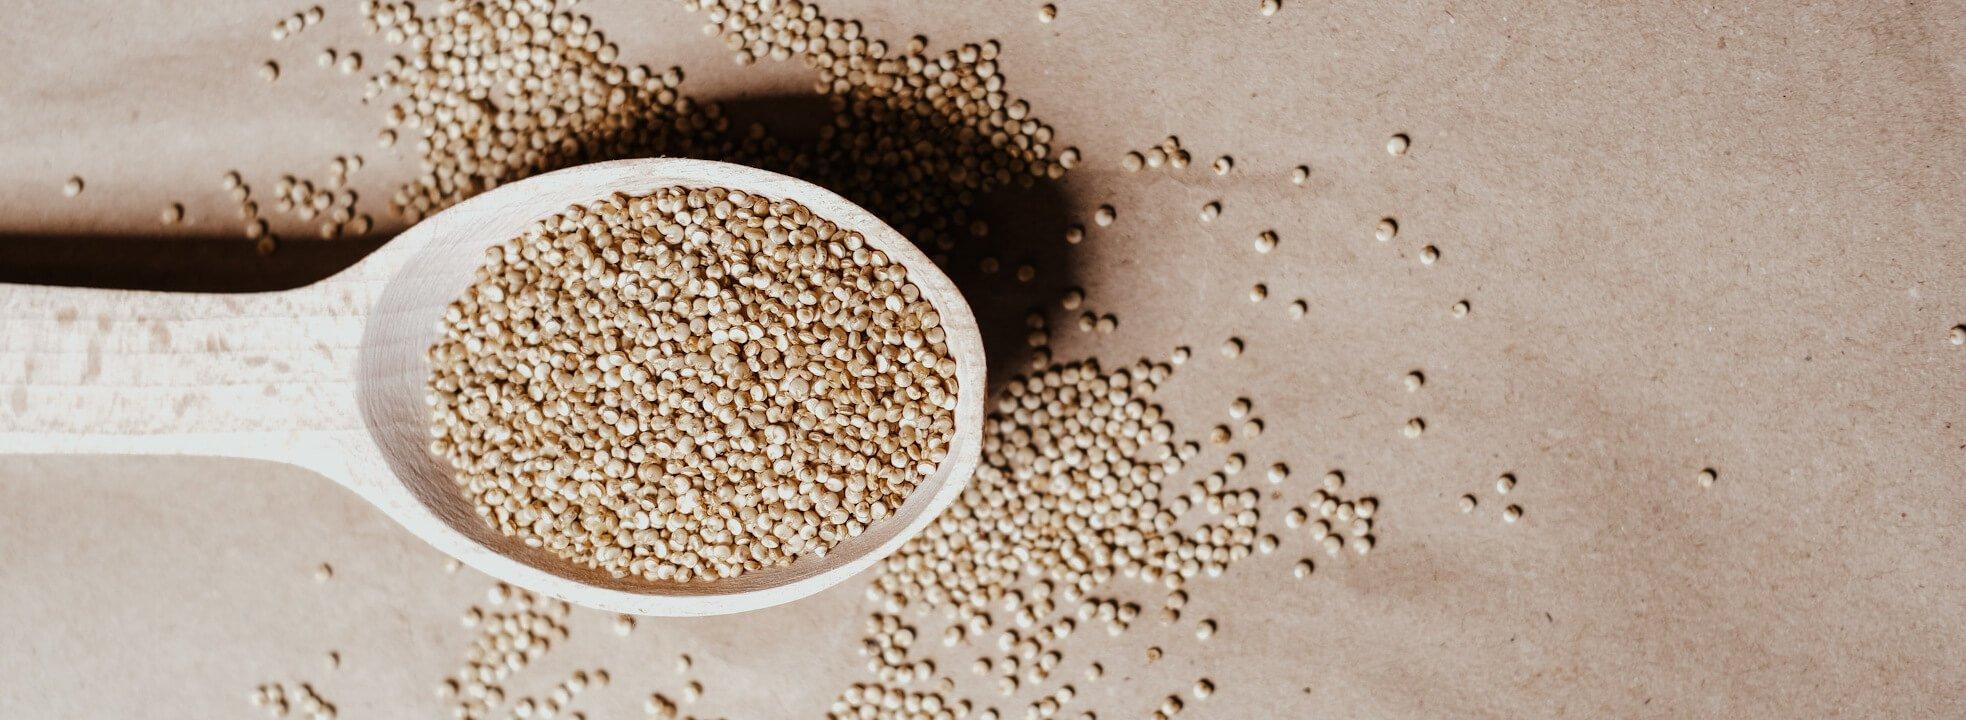 Komosa ryżowa lub Quinoa – wartości odżywcze. Dlaczego warto jeść komosę ryżową?